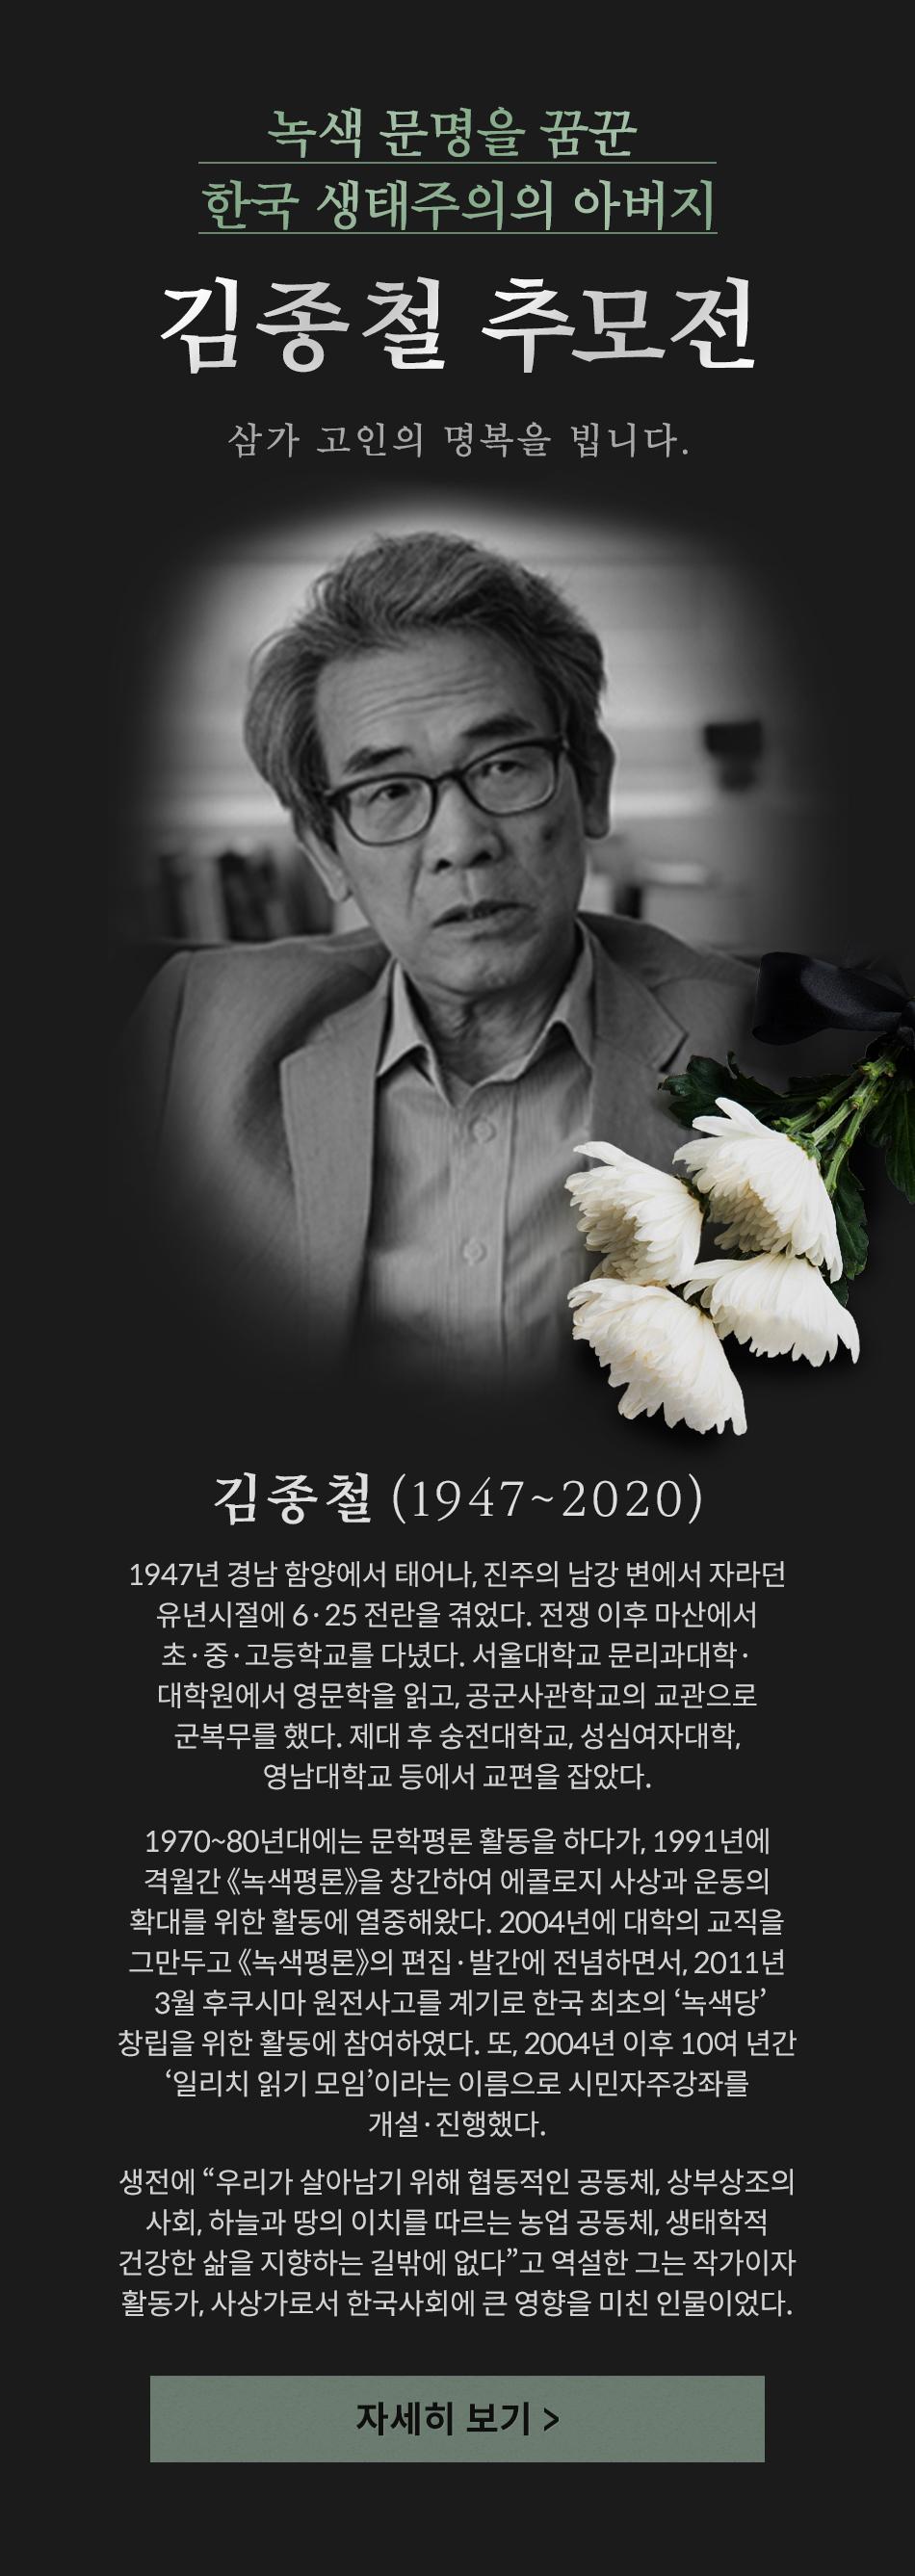 녹색 문명을 꿈꾼 한국 생태주의의 아버지  김종철 추모전